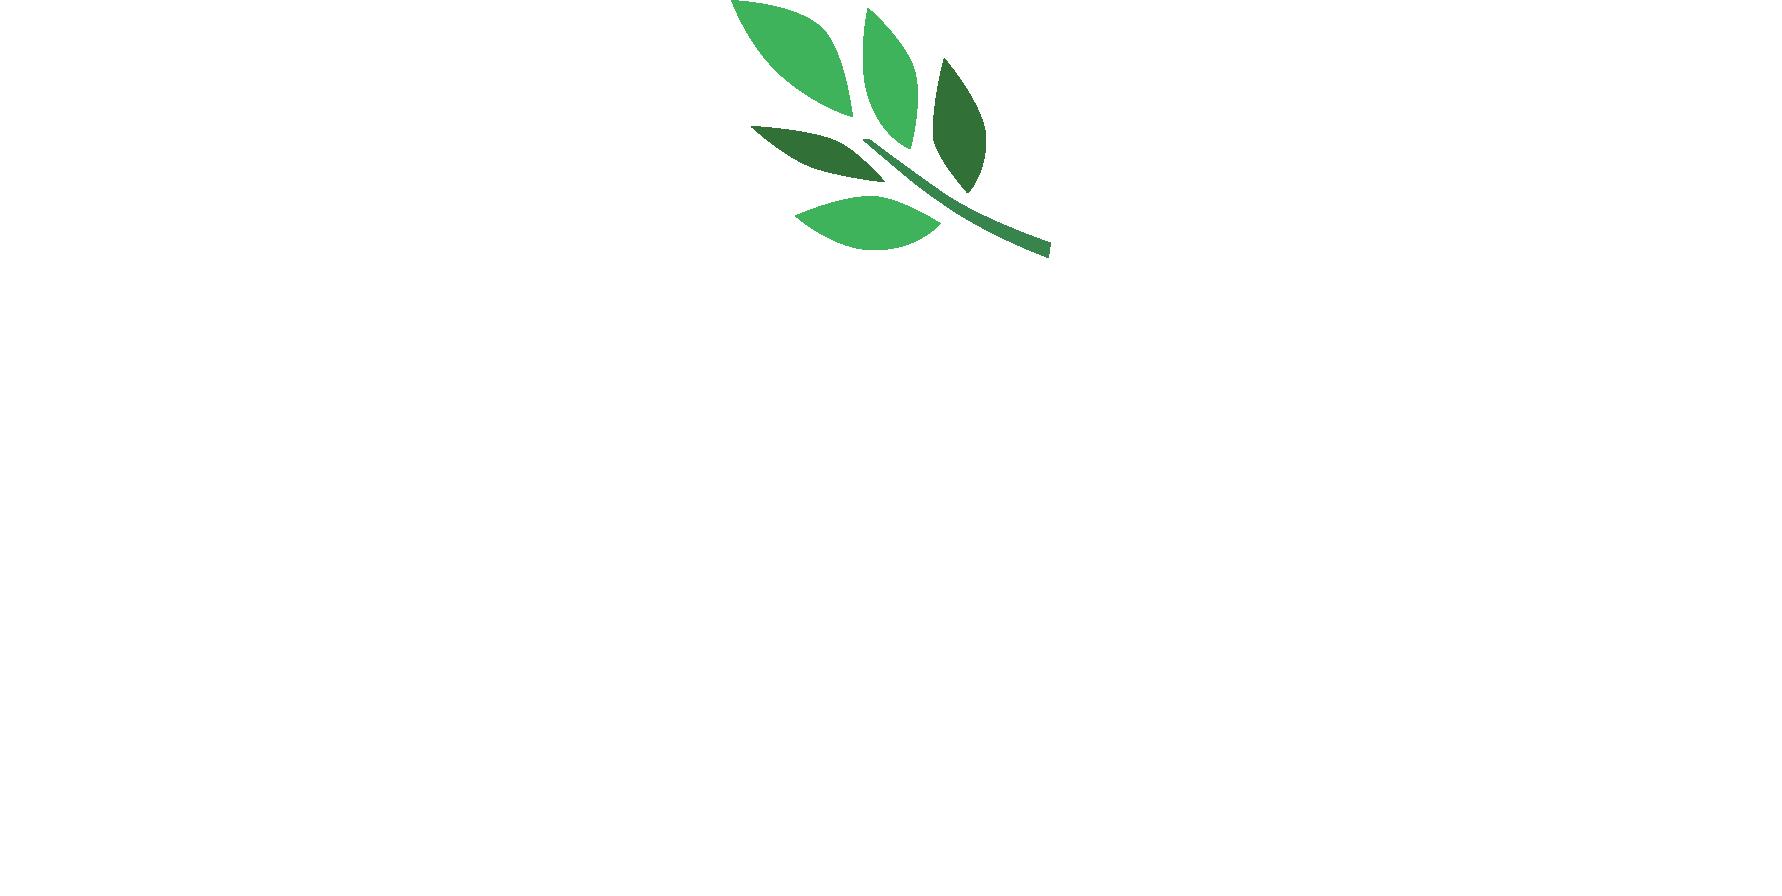 logo_pysrc_180415_white.png